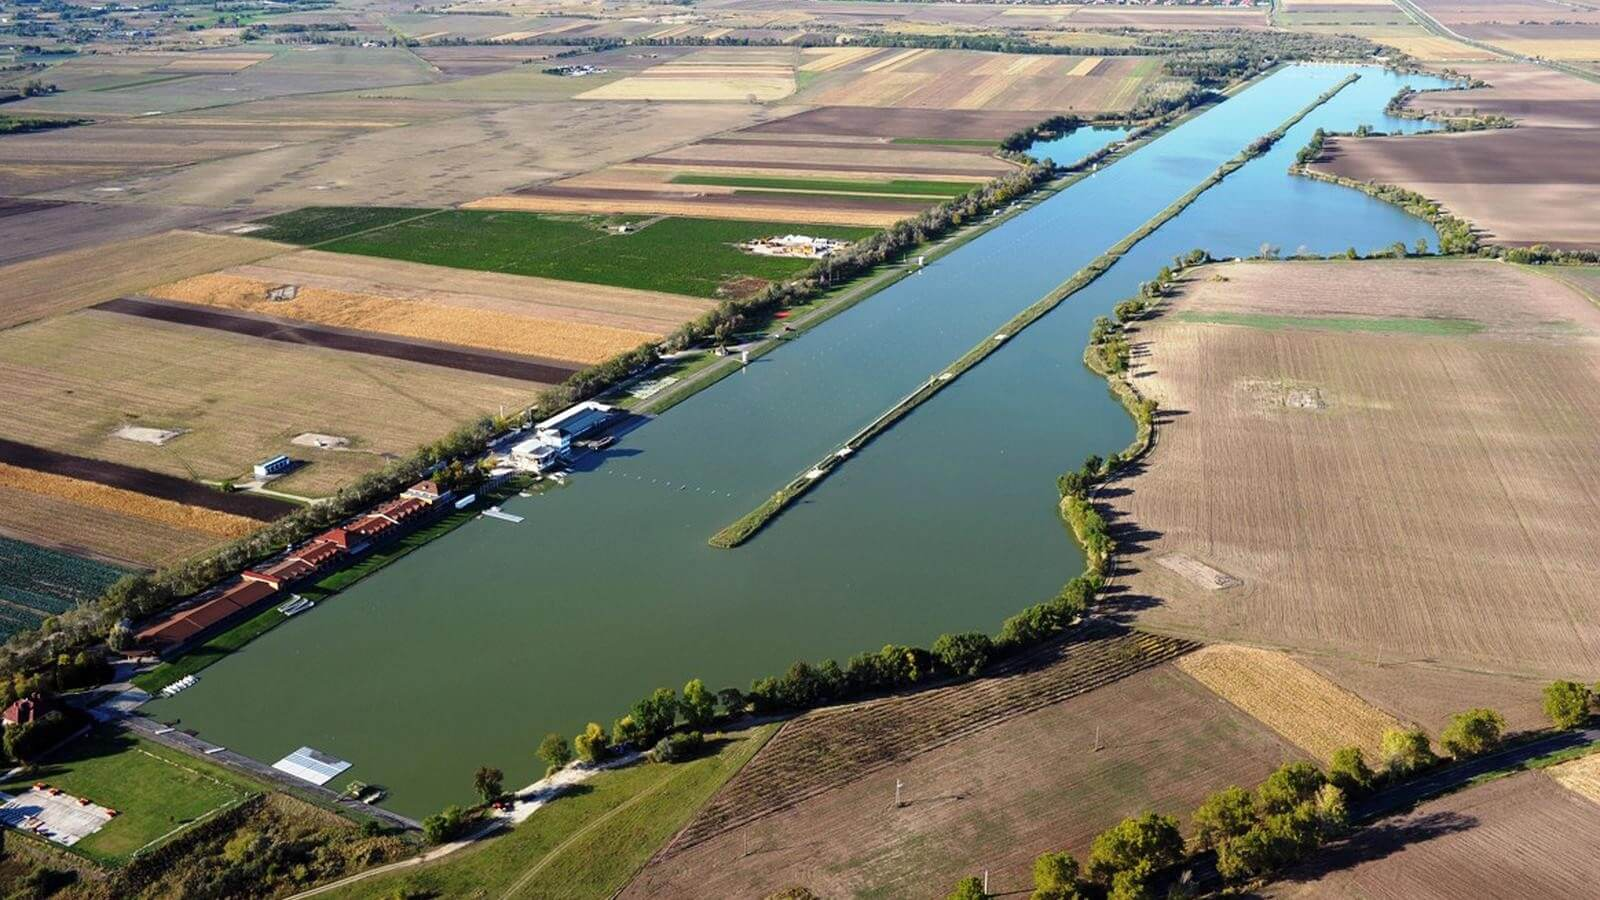 Újabb munkát nyert el a Szegedi Olimpiai Központ fejlesztésében az A-Híd